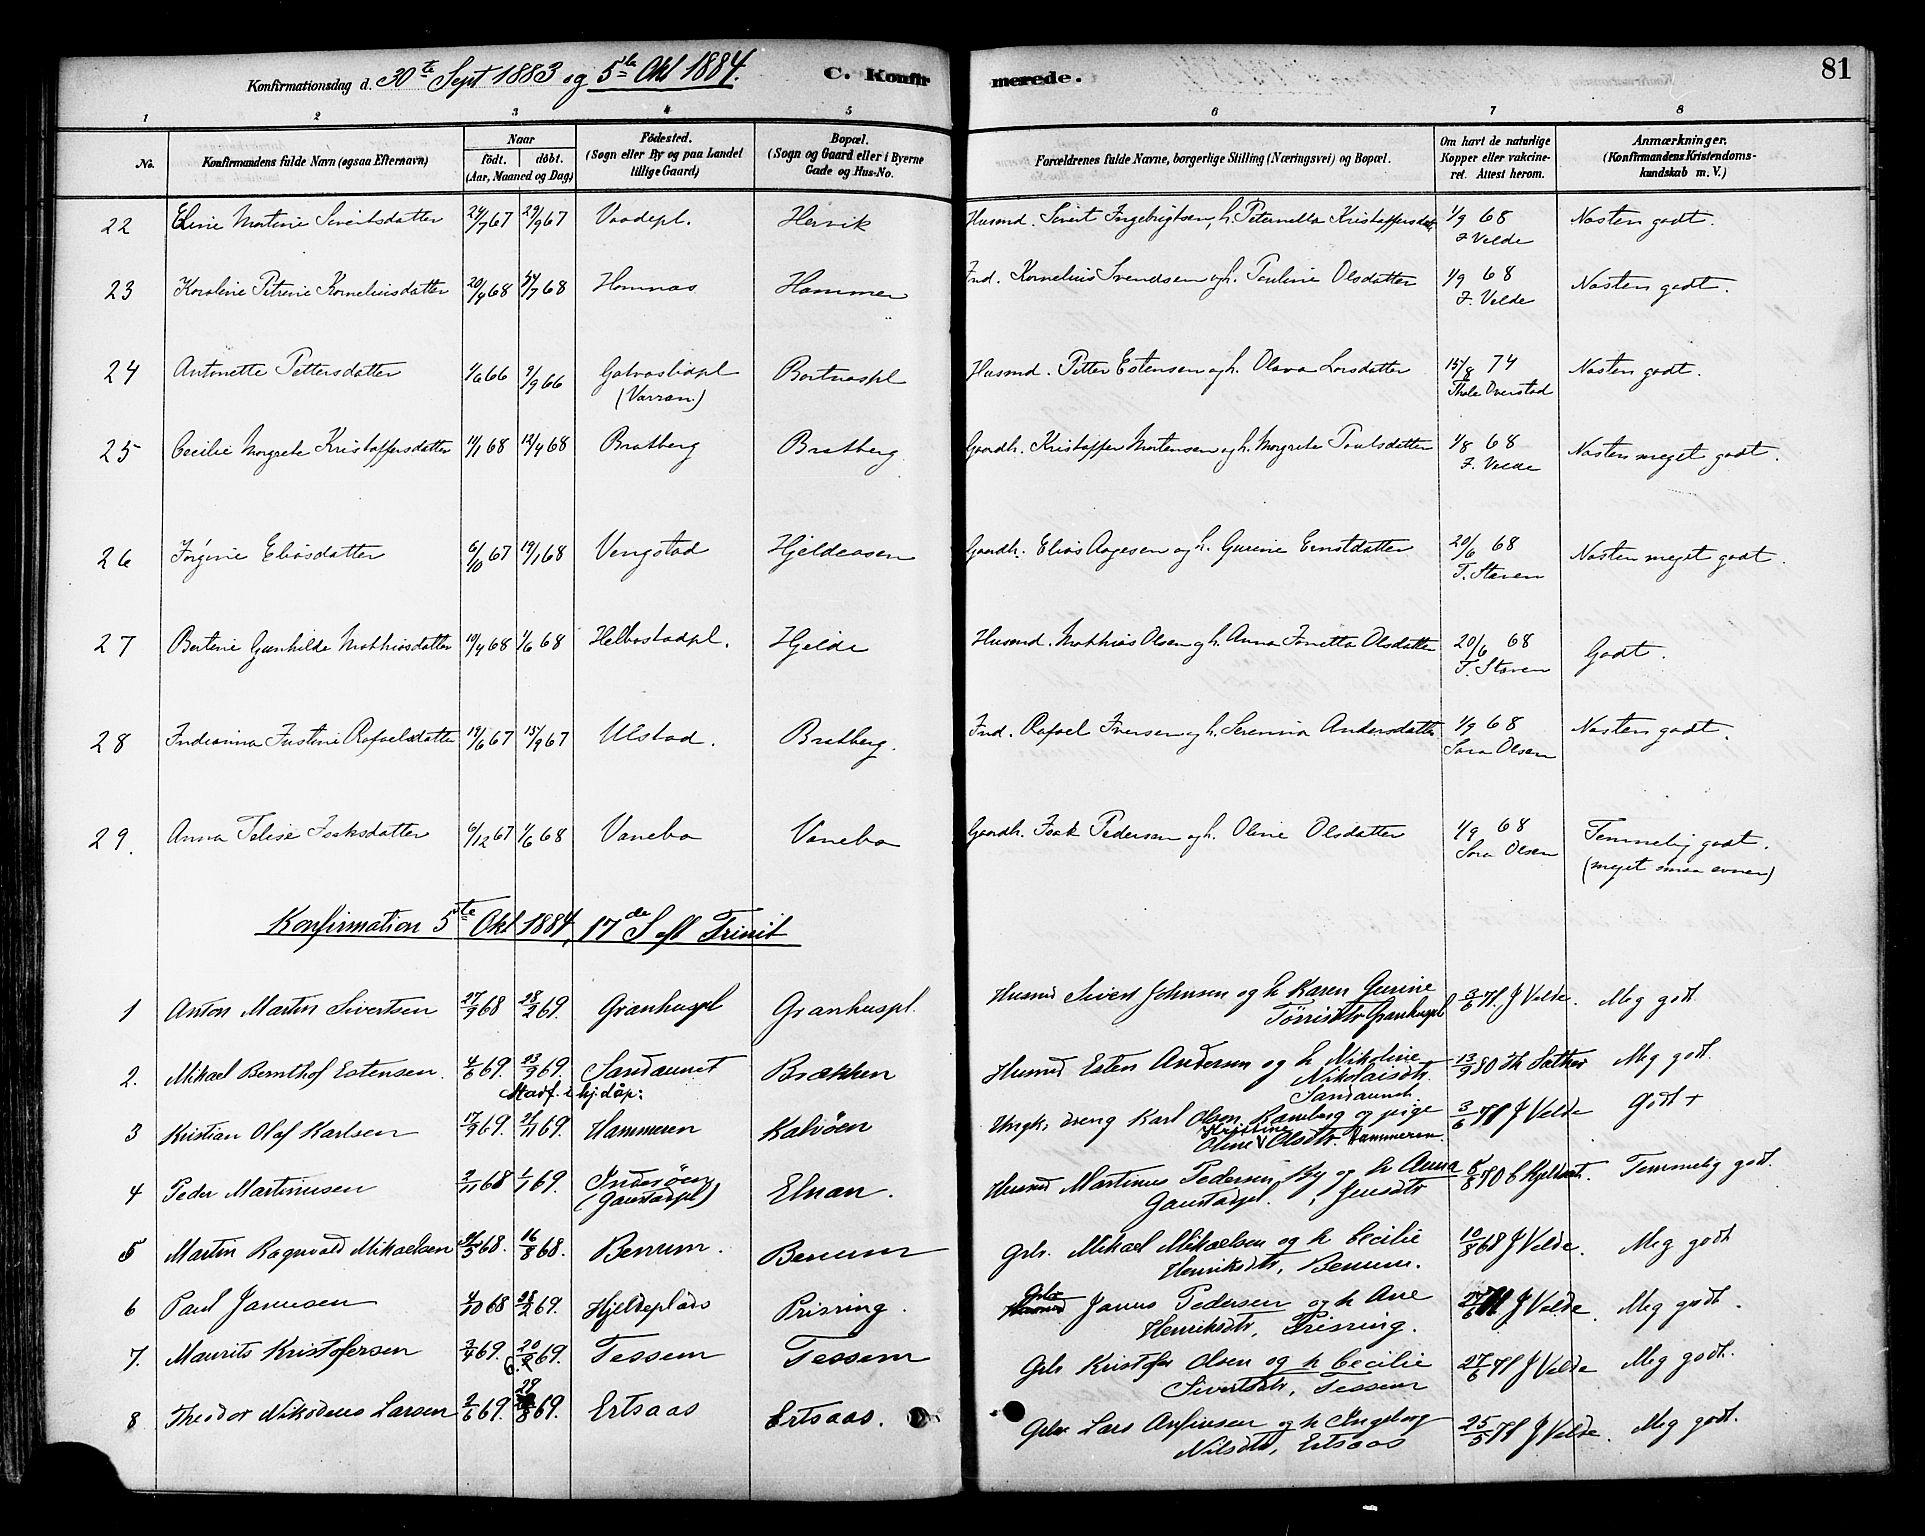 SAT, Ministerialprotokoller, klokkerbøker og fødselsregistre - Nord-Trøndelag, 741/L0395: Ministerialbok nr. 741A09, 1878-1888, s. 81